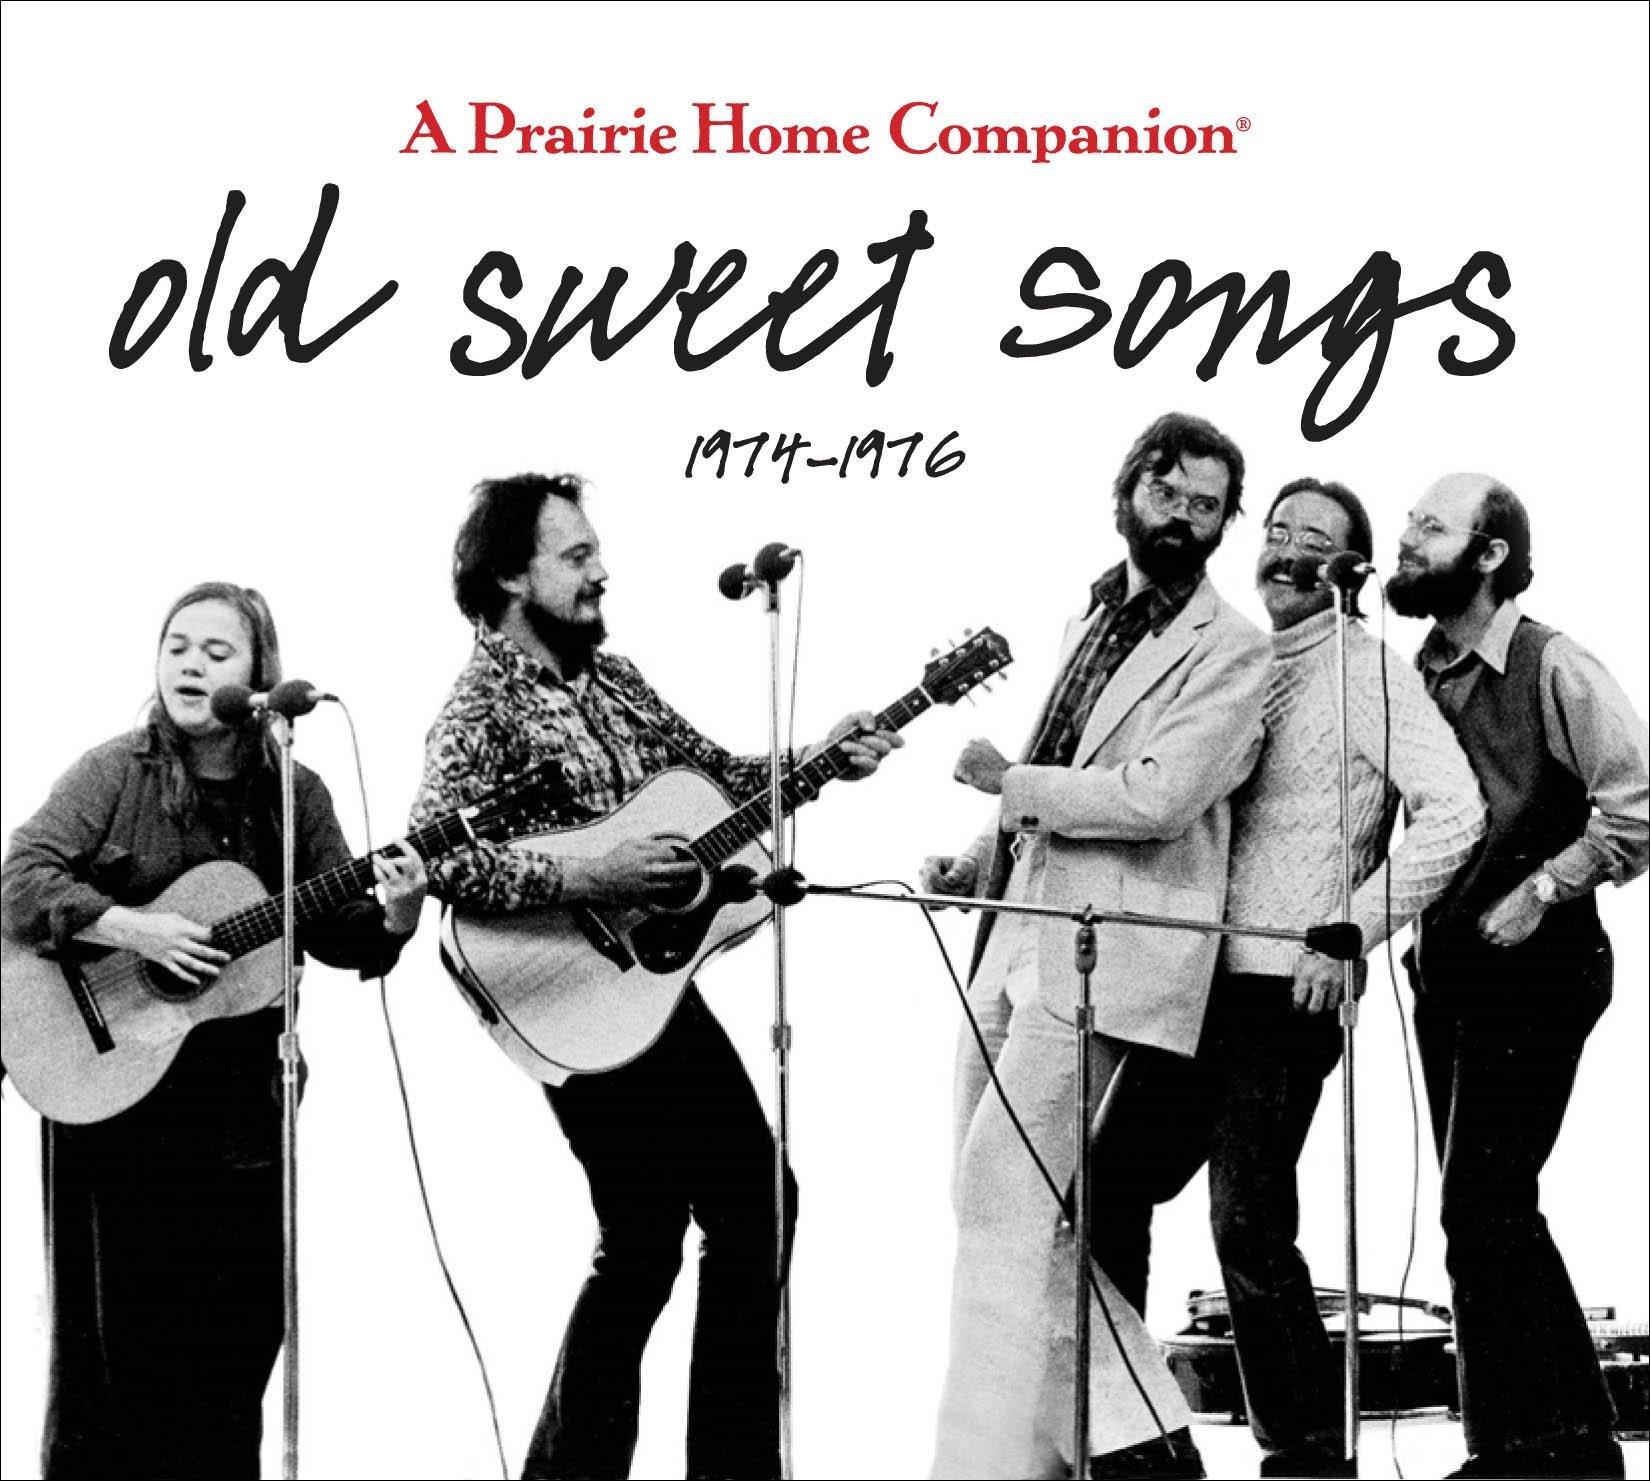 Old Sweet Songs: A Prairie Home Companion, 1974-1976 (A Prarie Home  Companion): Garrison Keillor: 9781615735228: Amazon.com: Books